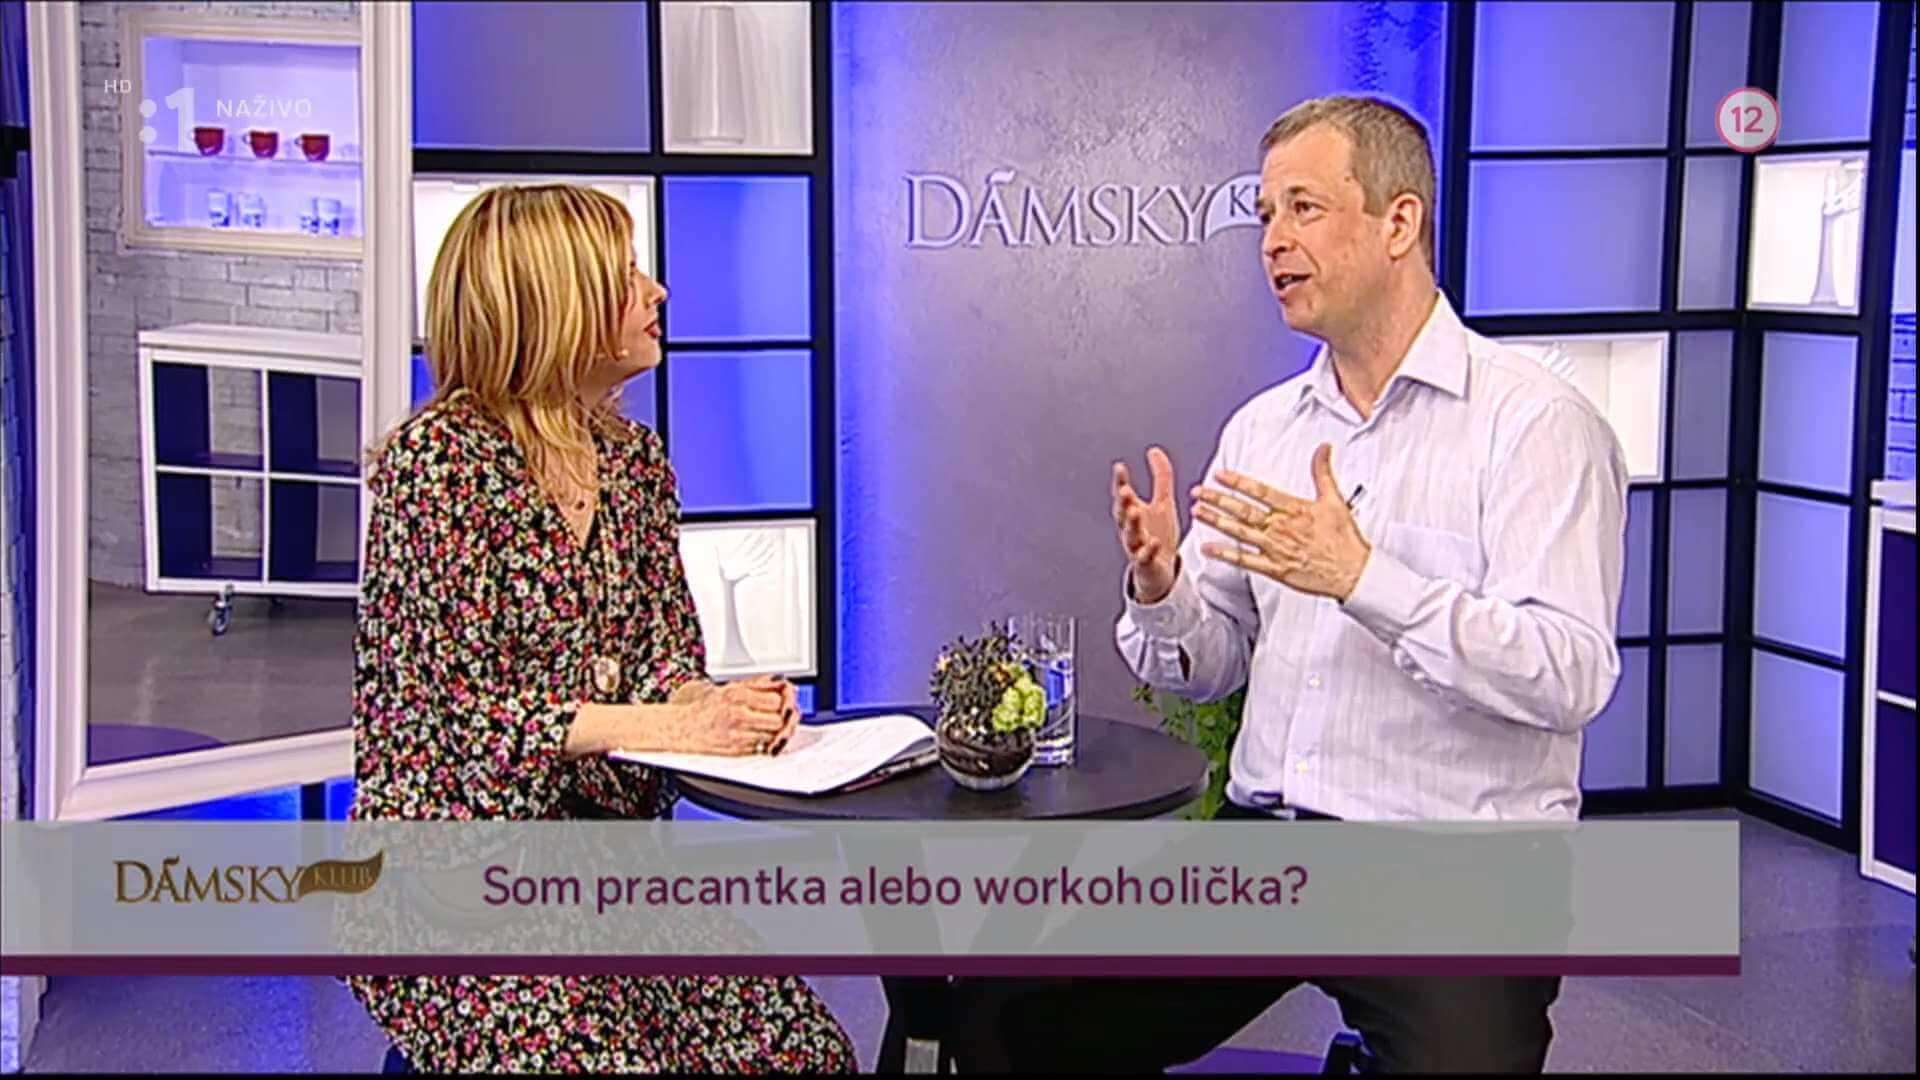 Dámsky klub workoholizmus